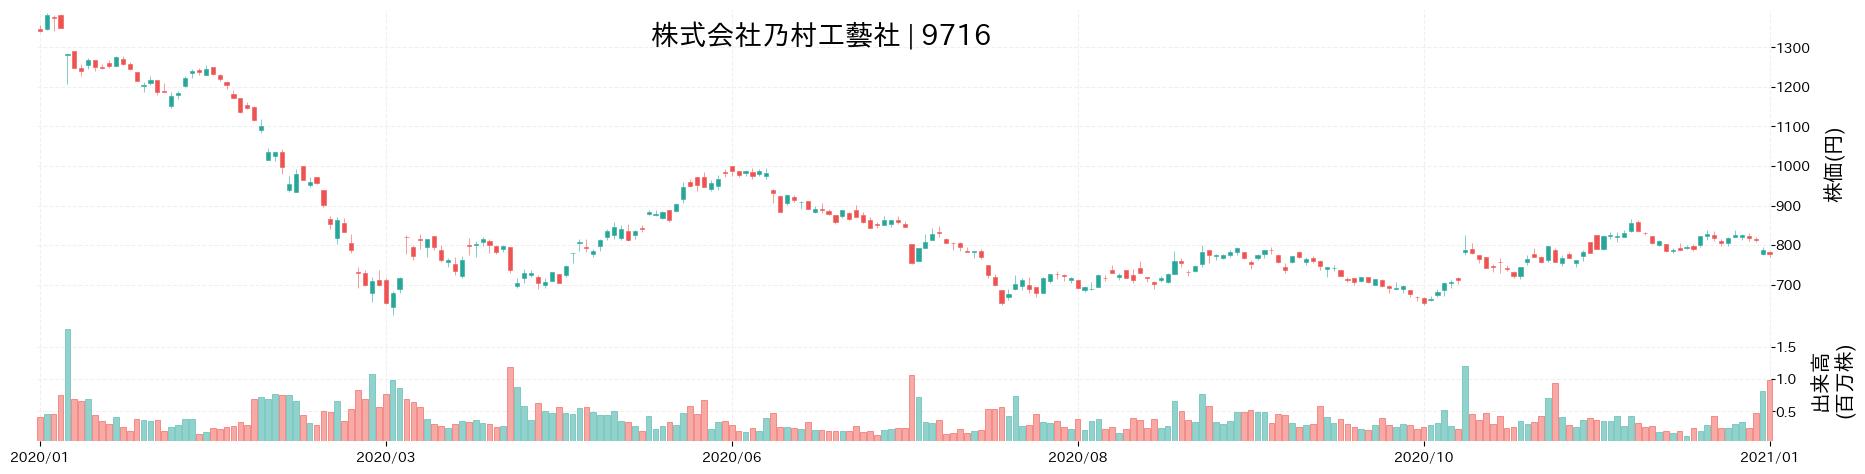 株式会社乃村工藝社の株価推移(2020)